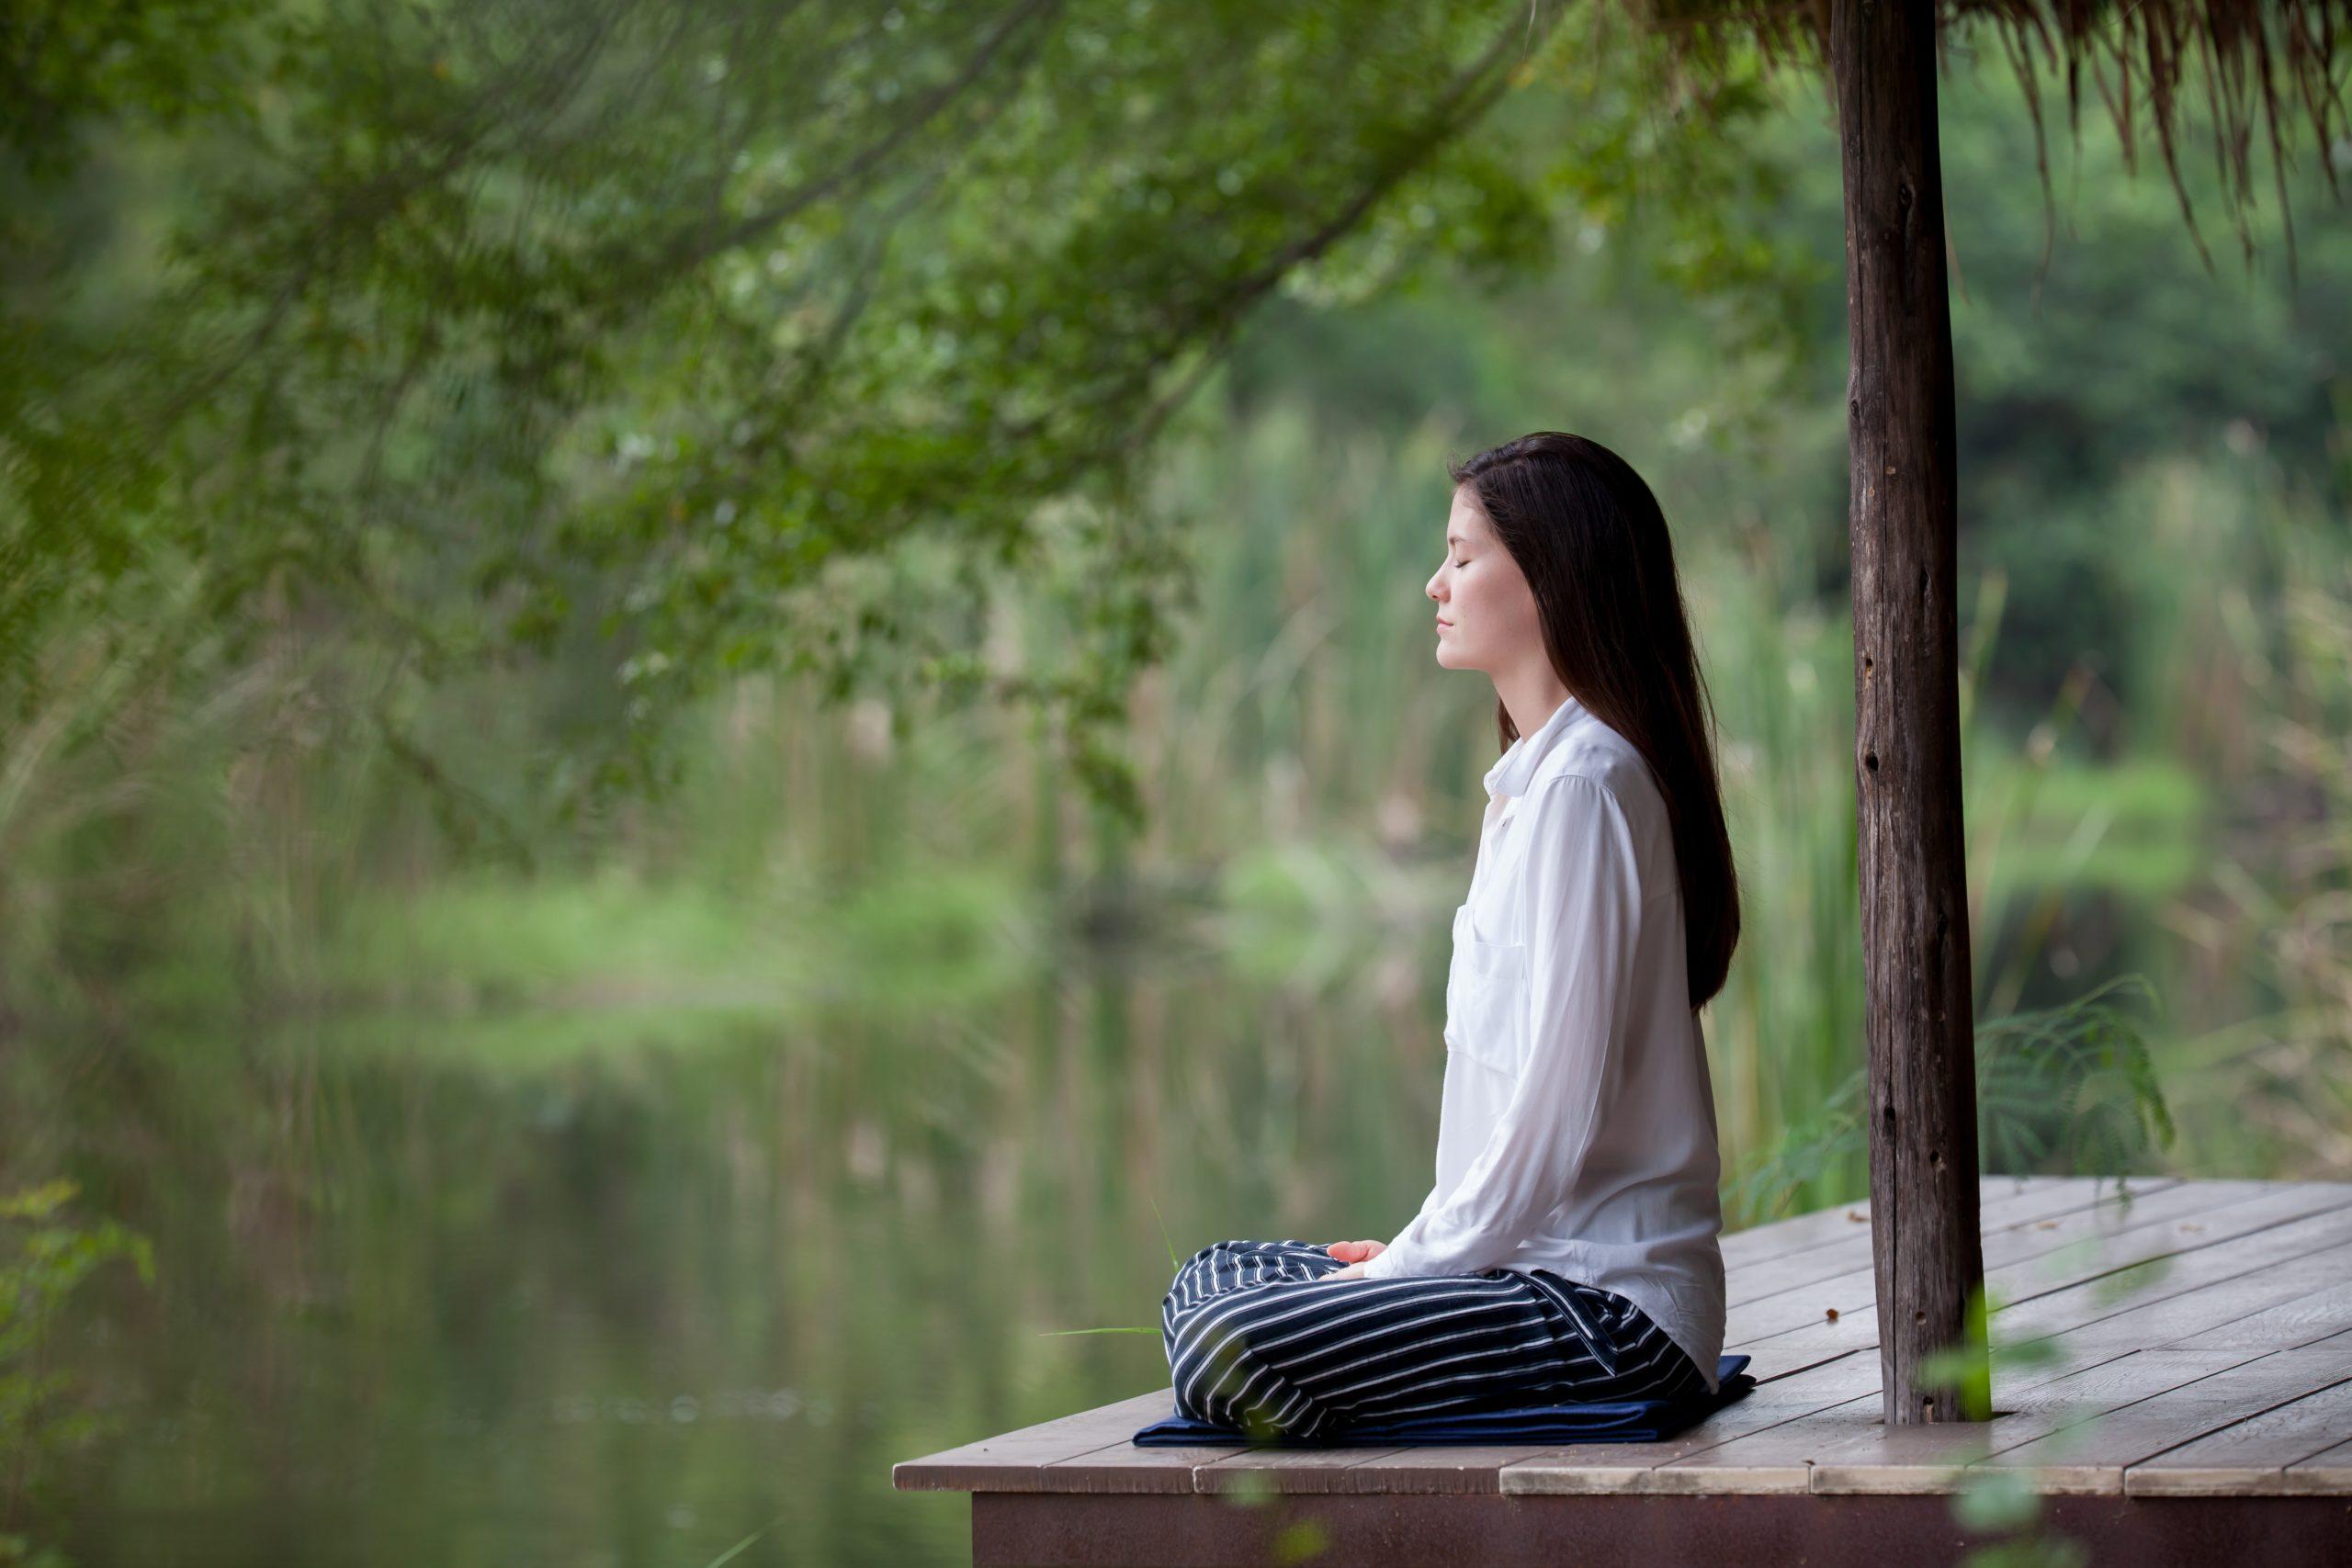 """Vài dòng cảm nhận về cuốn sách """"Thực hành Thiền định"""""""